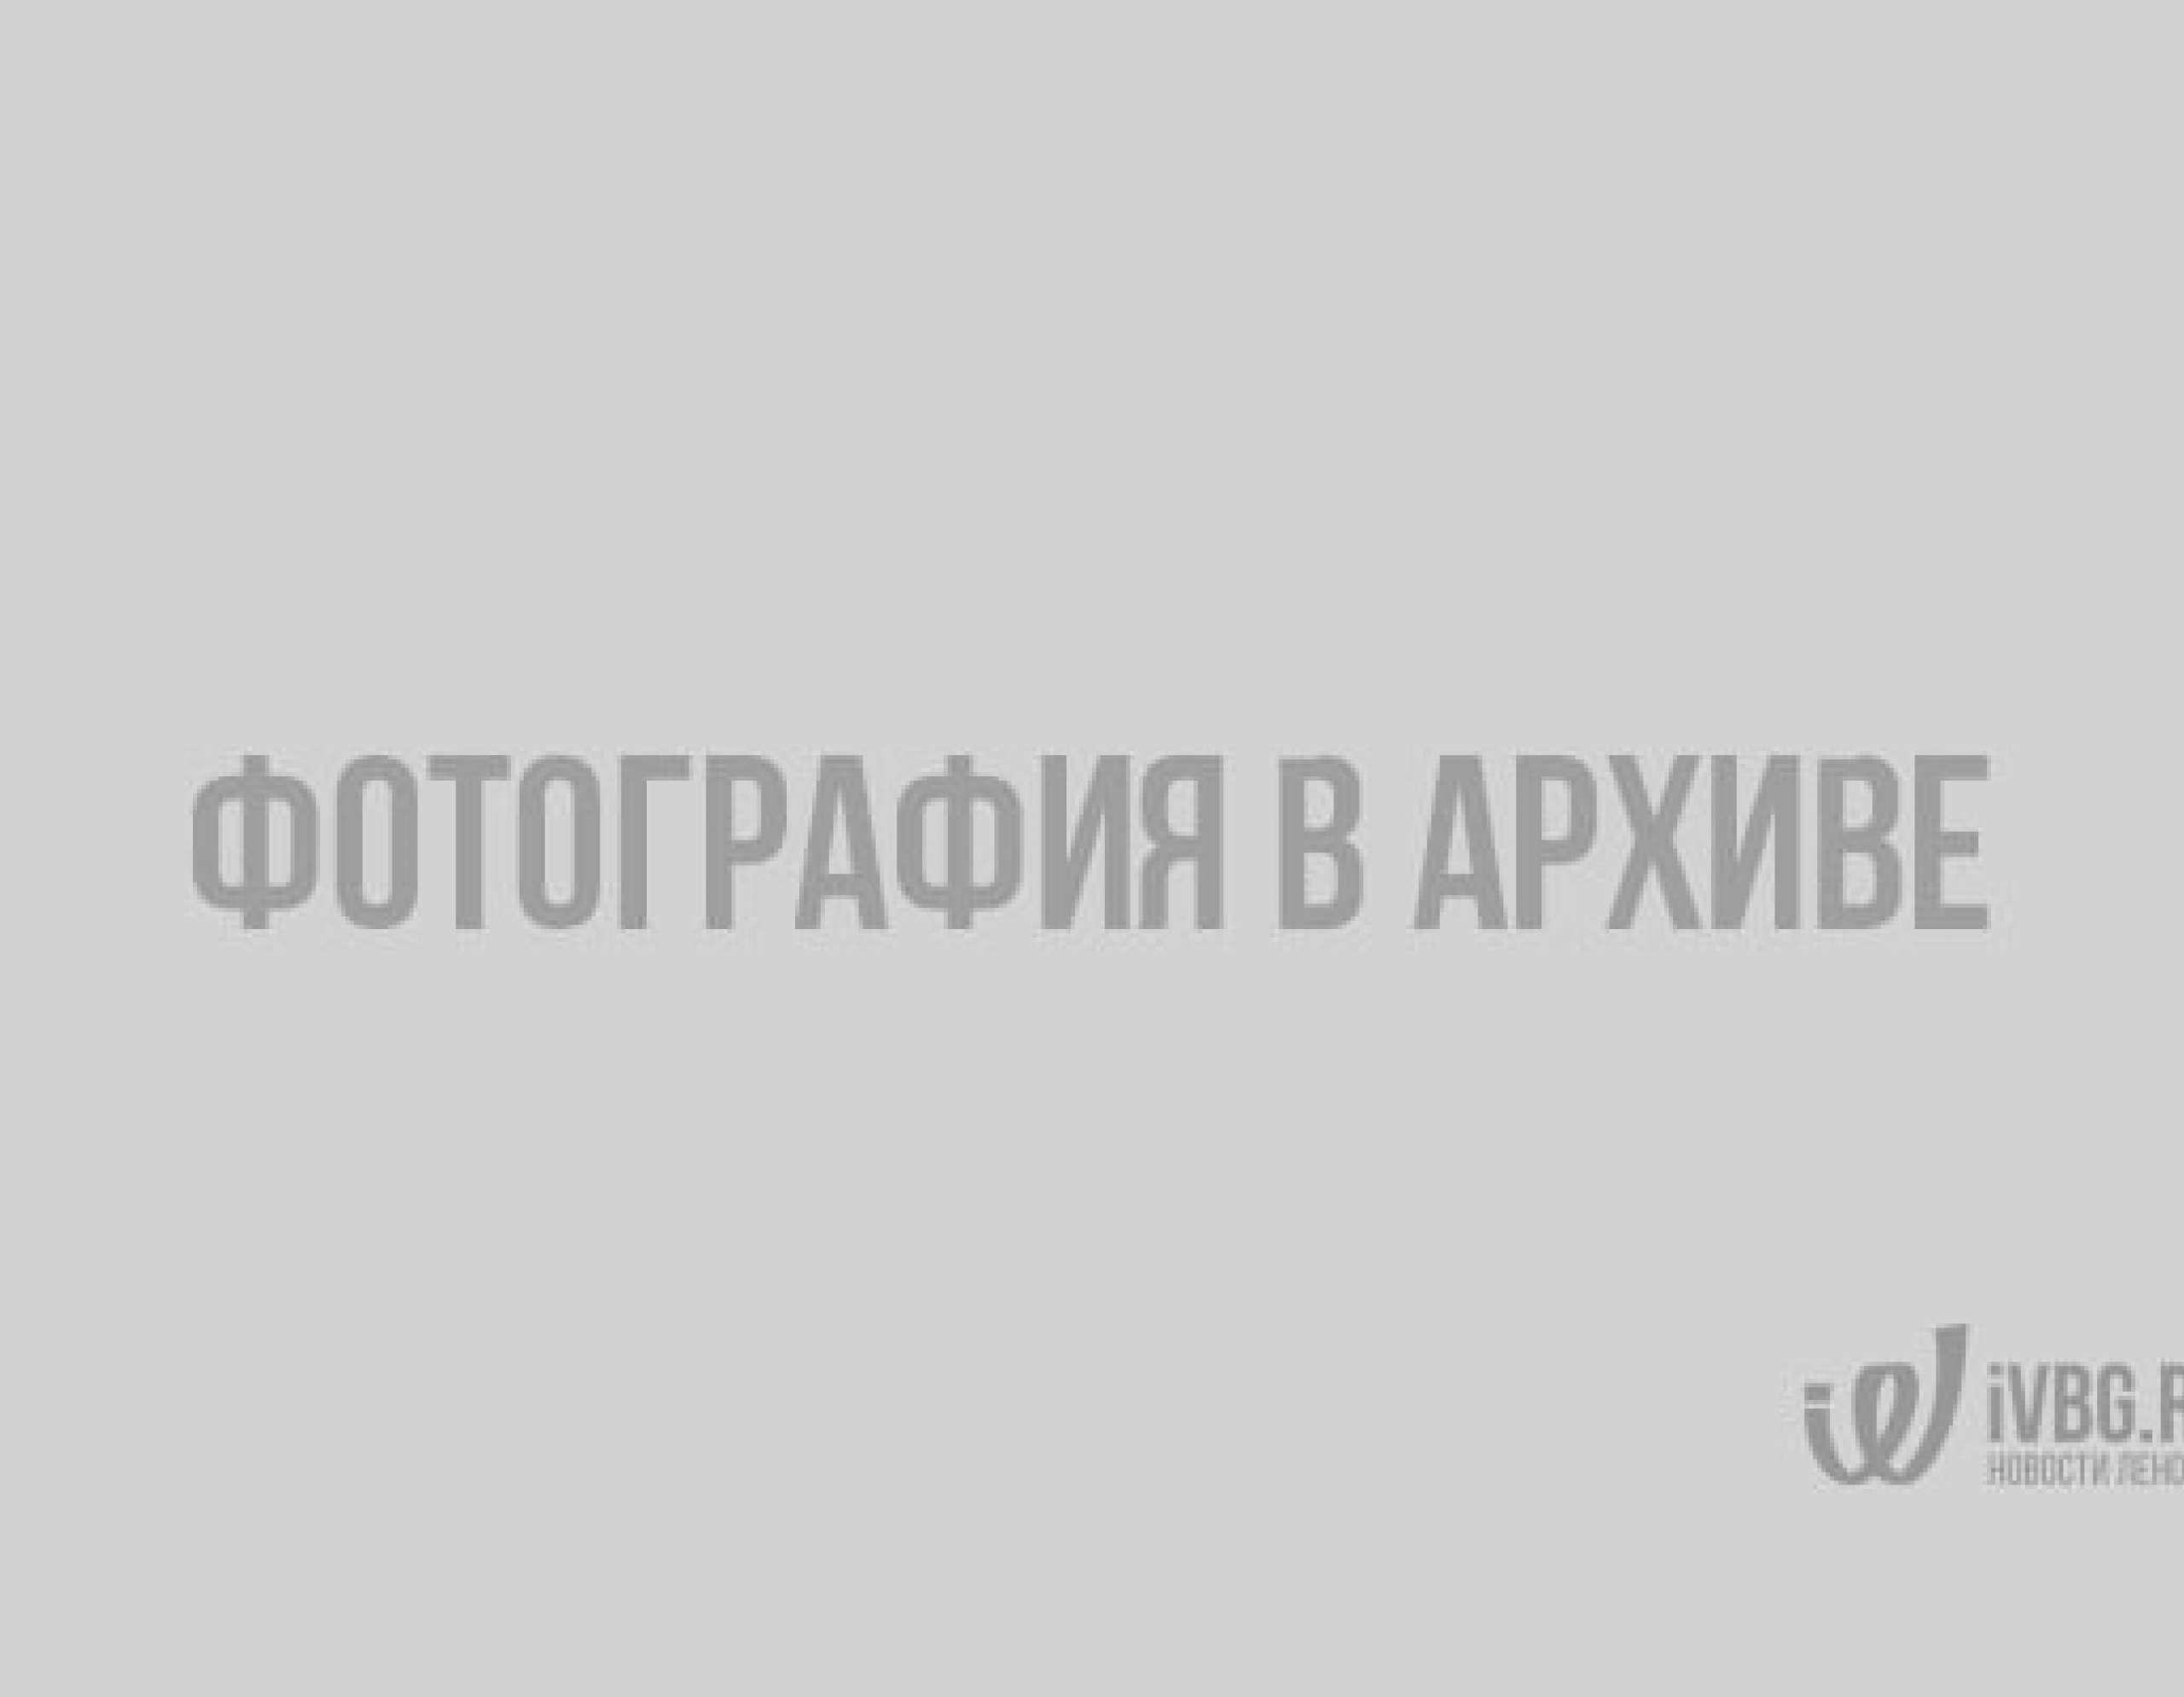 В Петербург прибыла российская сборная на Евро-2020 Российская сборная, Петербург, Евро-2020